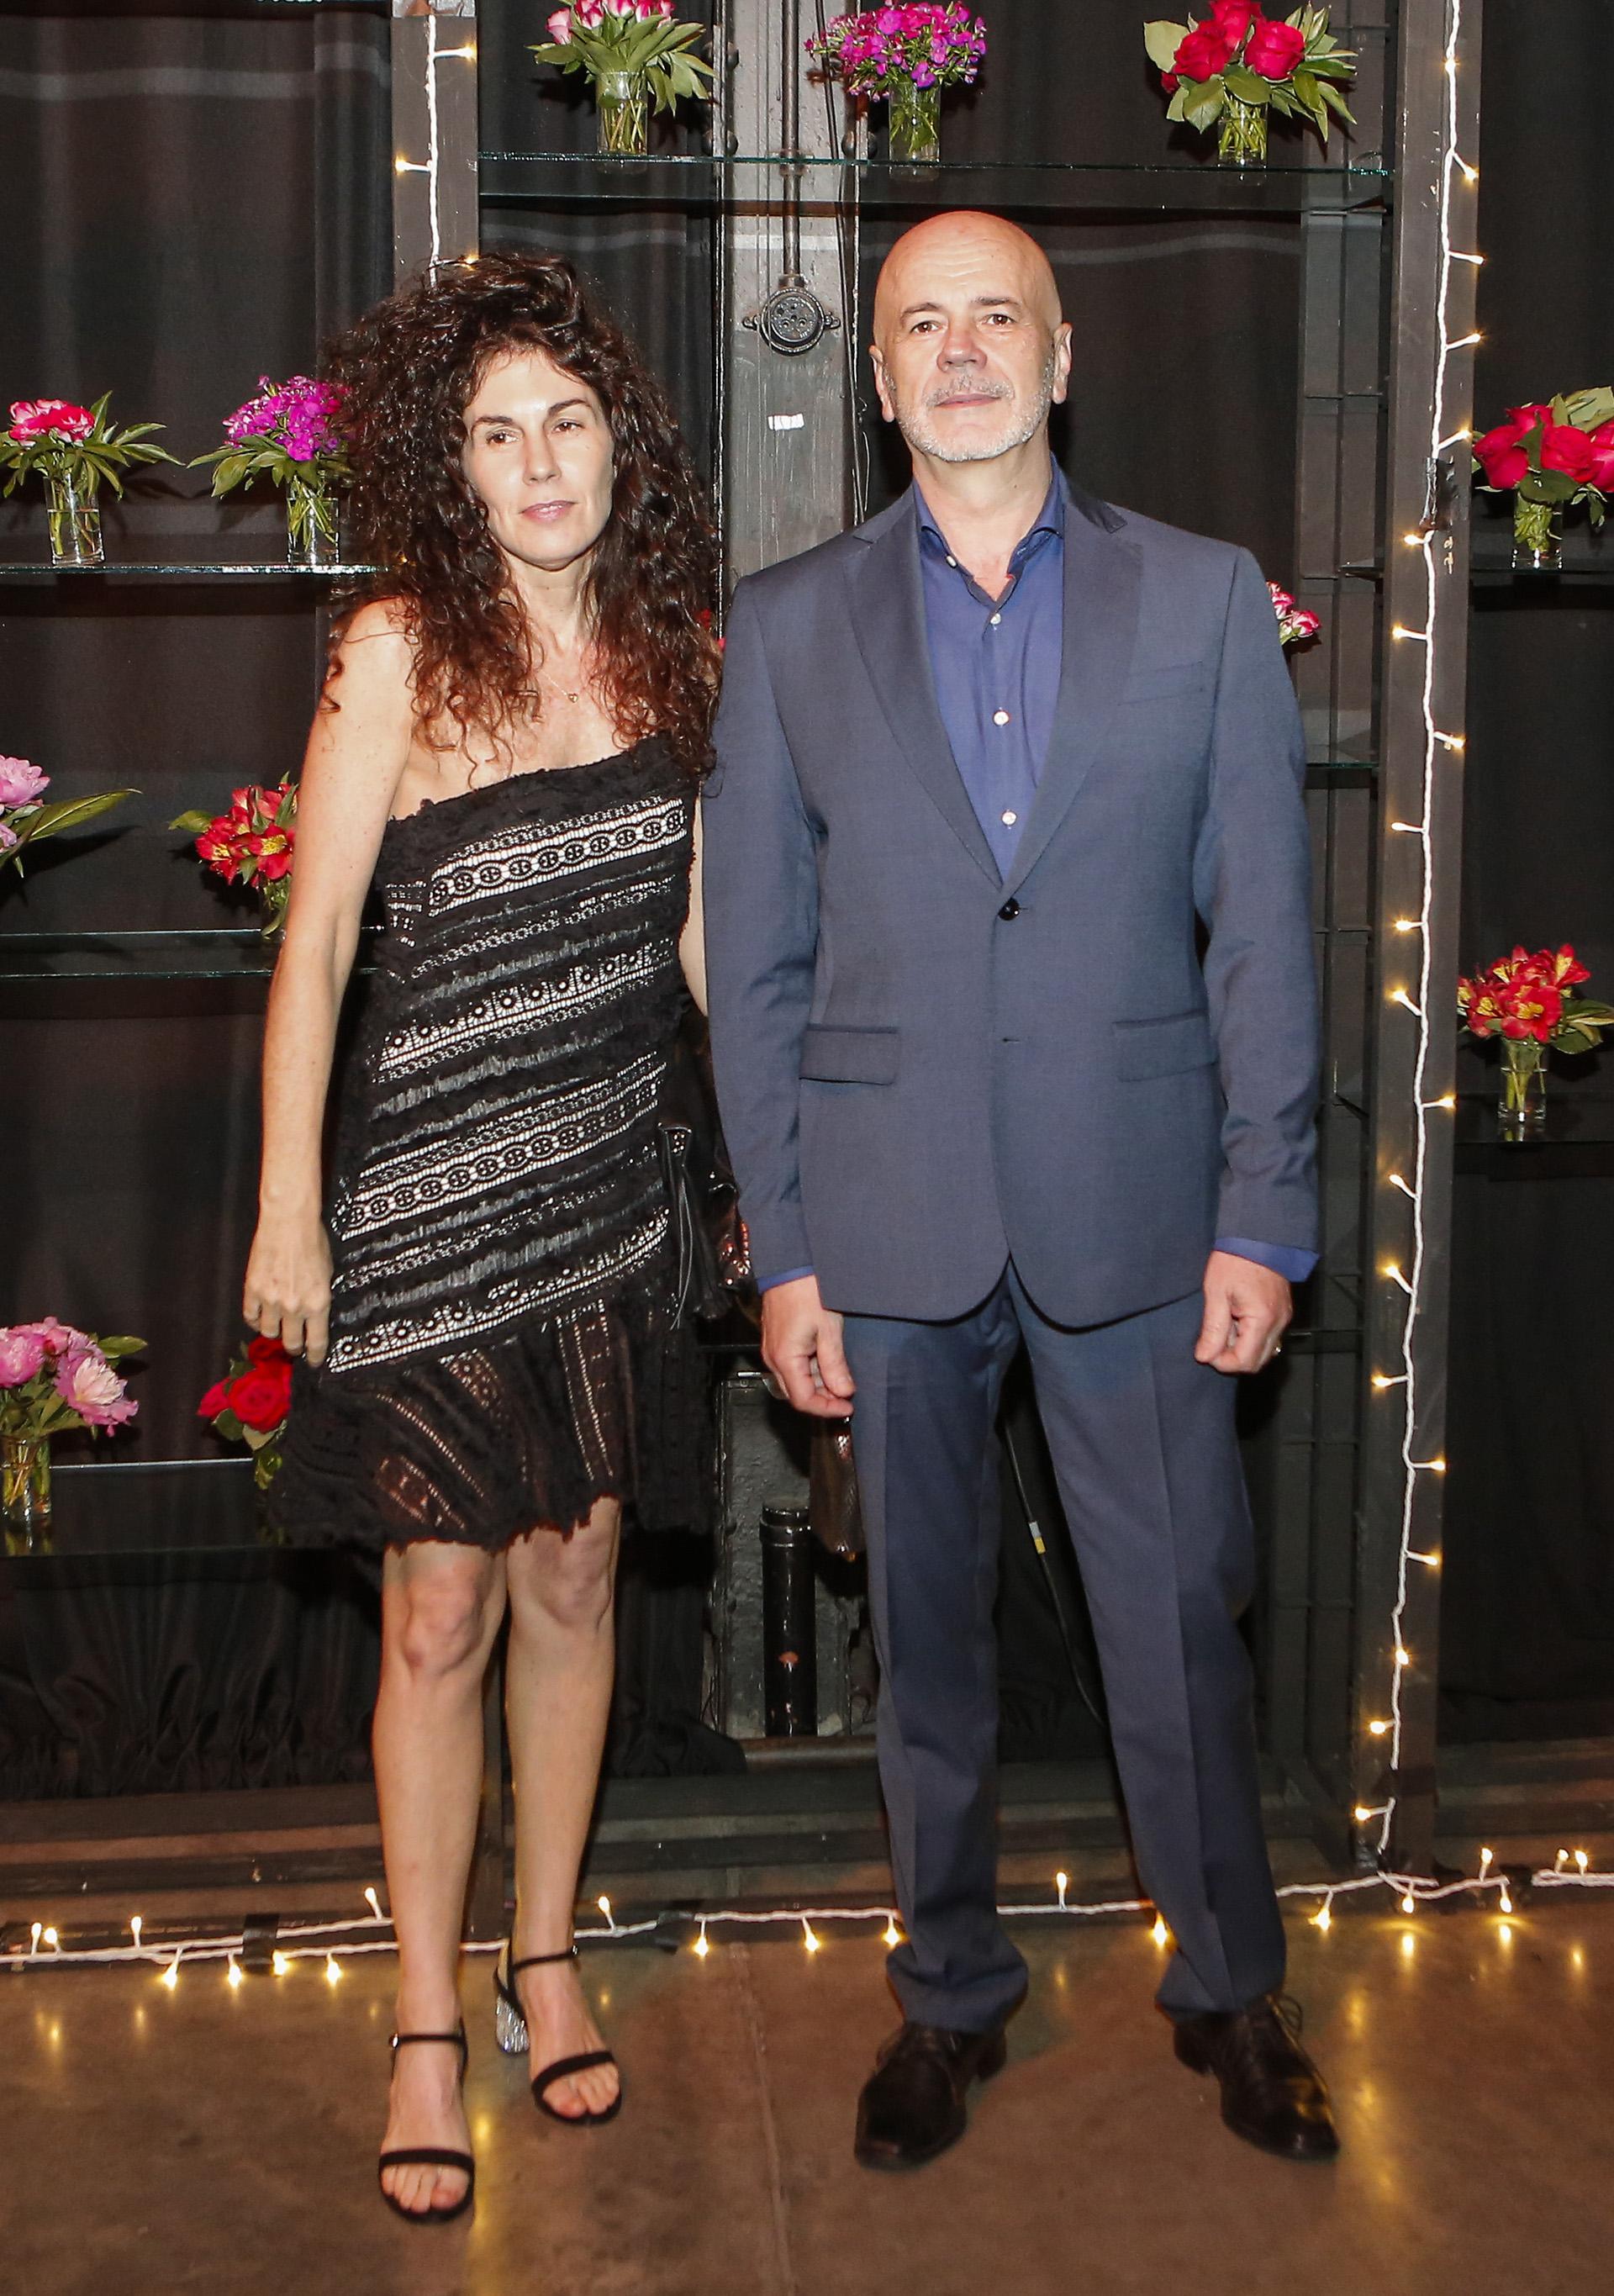 Jorge Telerman, director del Complejo Teatral de Buenos Aires, y la artista plástica Cynthia Cohen